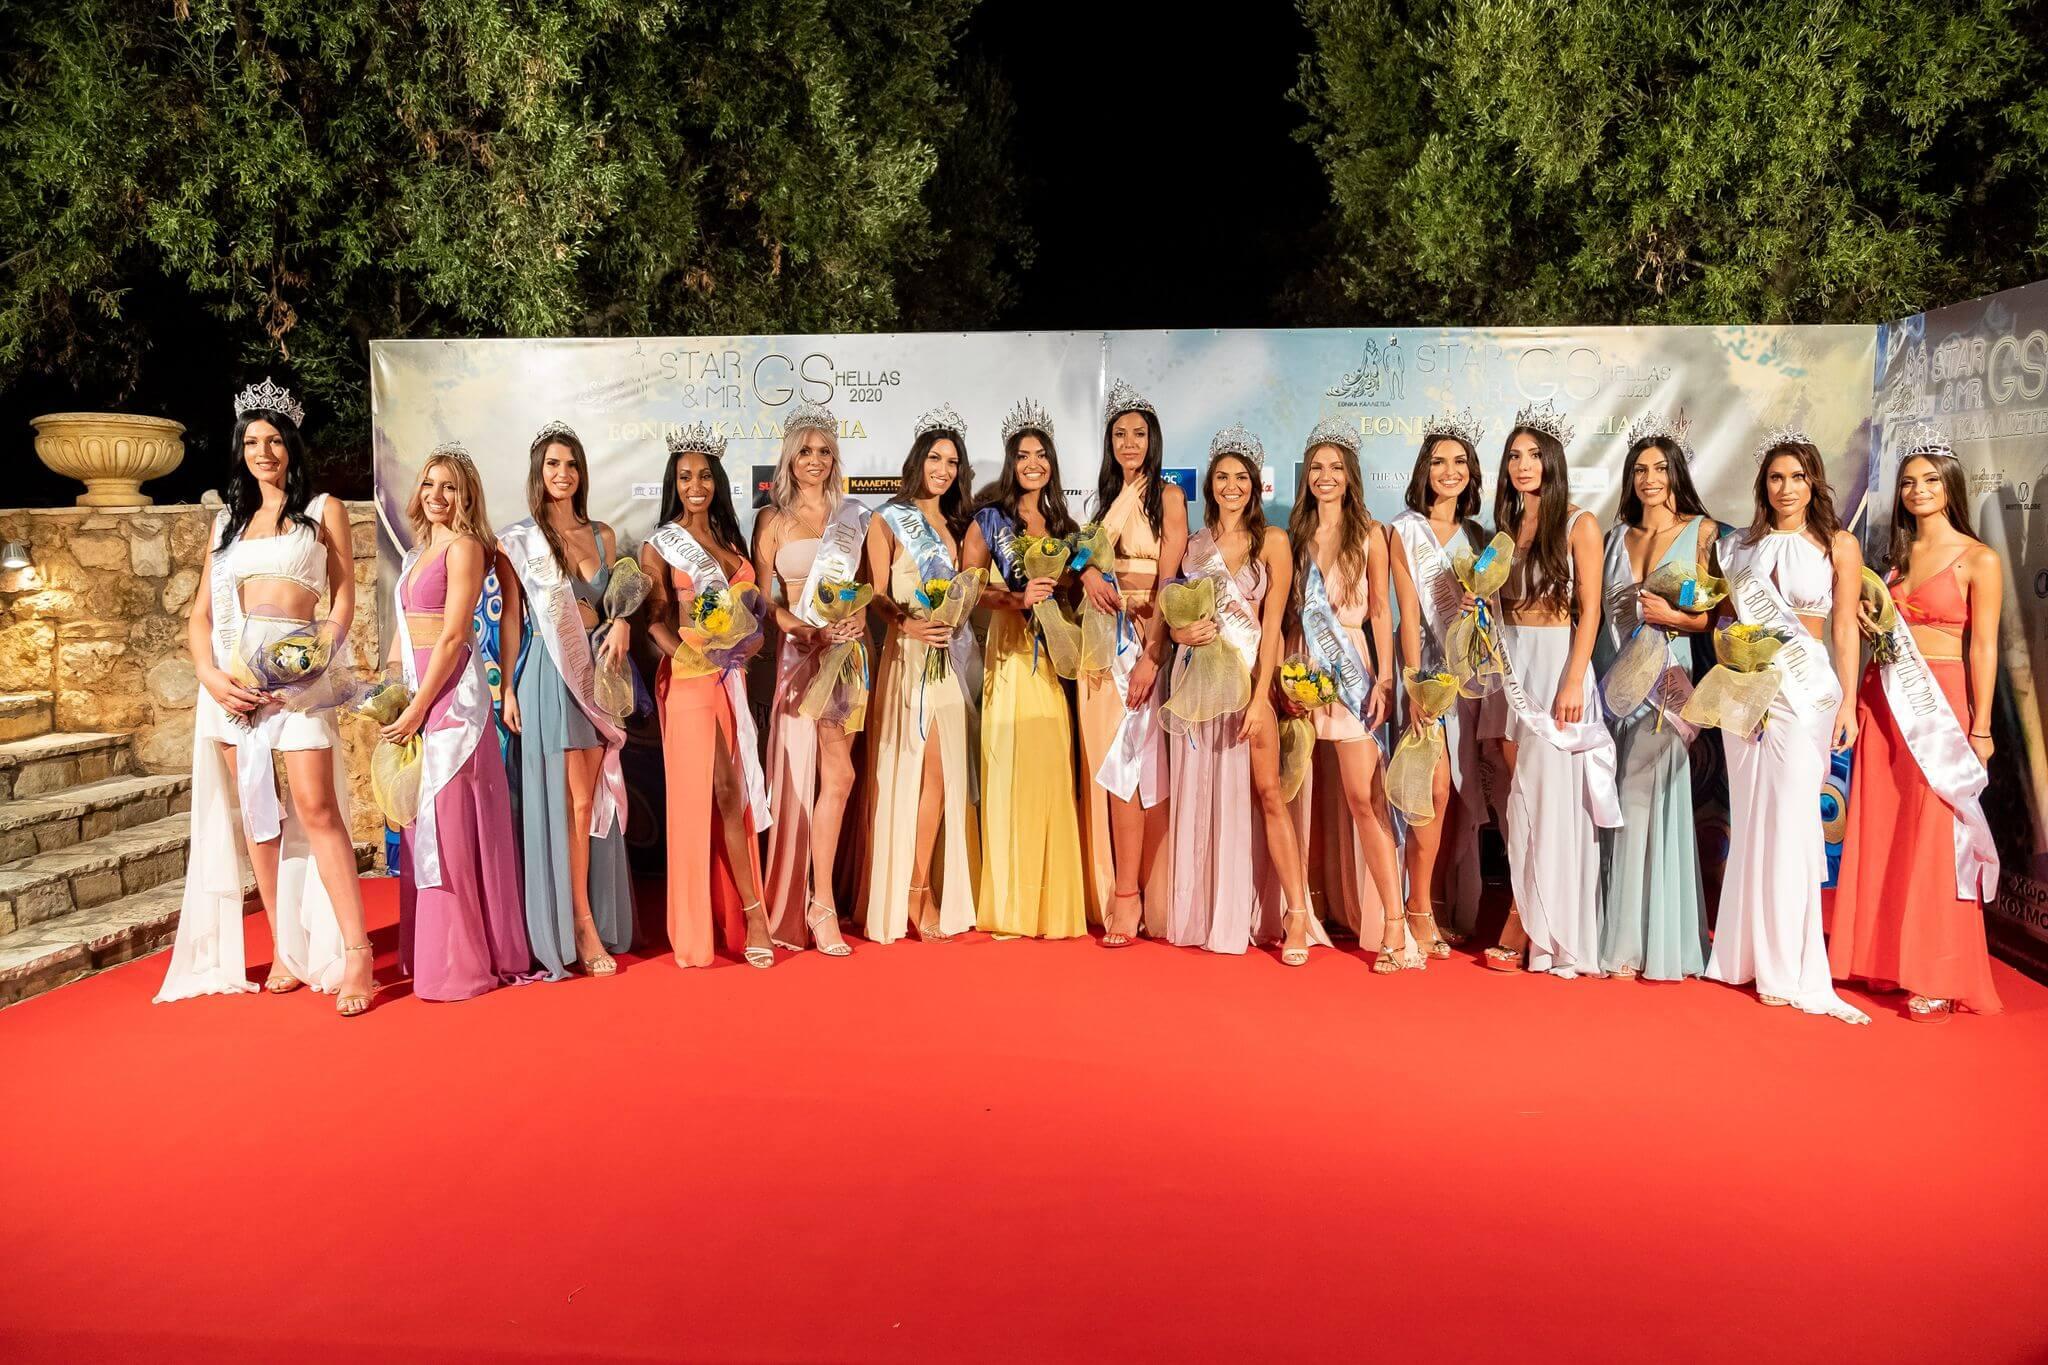 Εθνικά Καλλιστεία Gs Hellas 2020: Η Μεγαλύτερη παραγωγή ομορφιάς στην Ευρώπη για το 2020